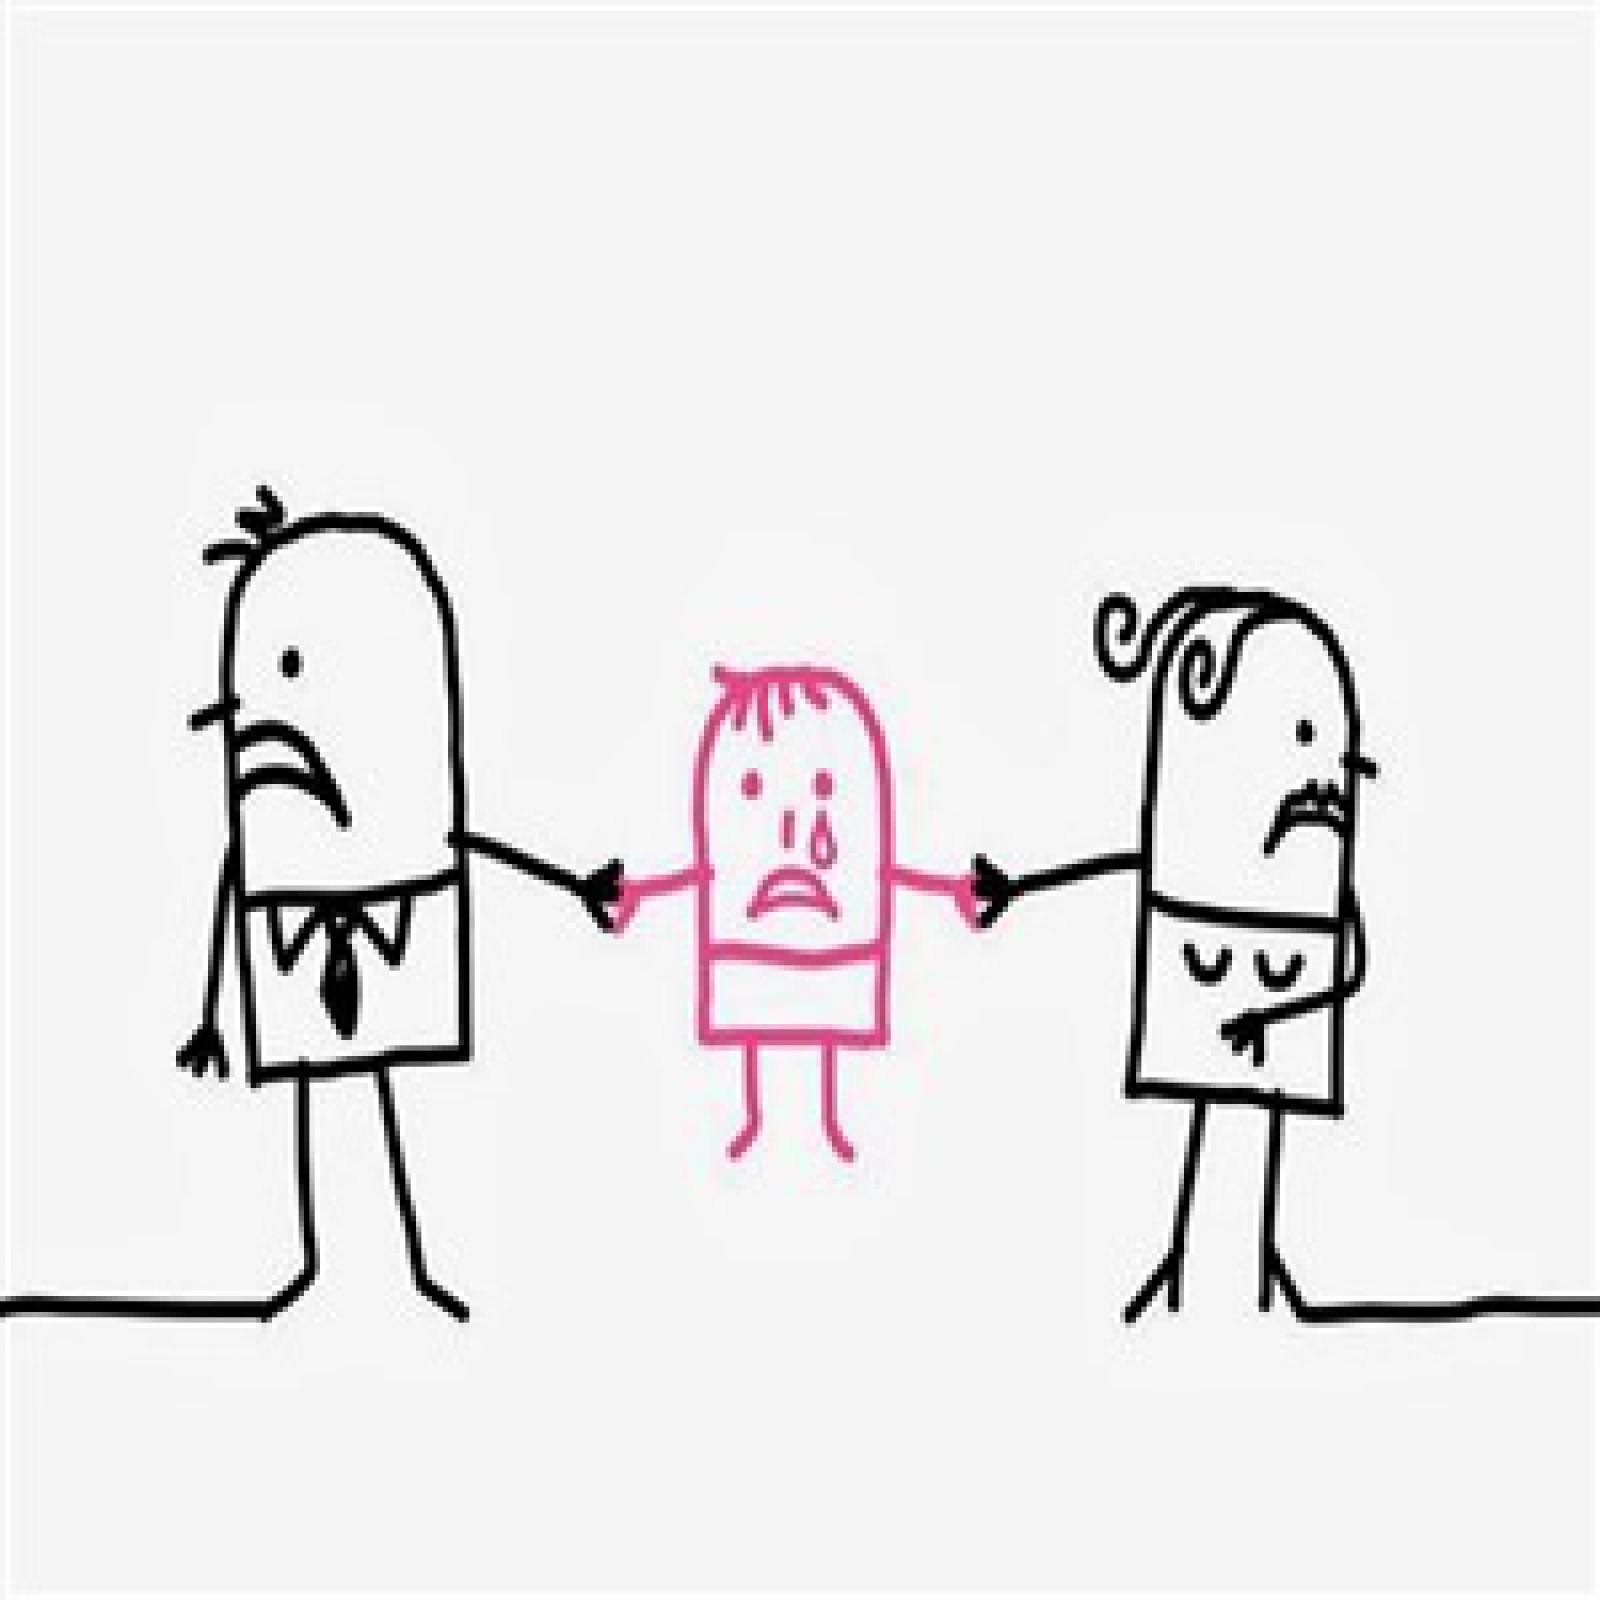 Tempo di coronavirus: sono separato/divorziato, posso andare a trovare i miei figli?